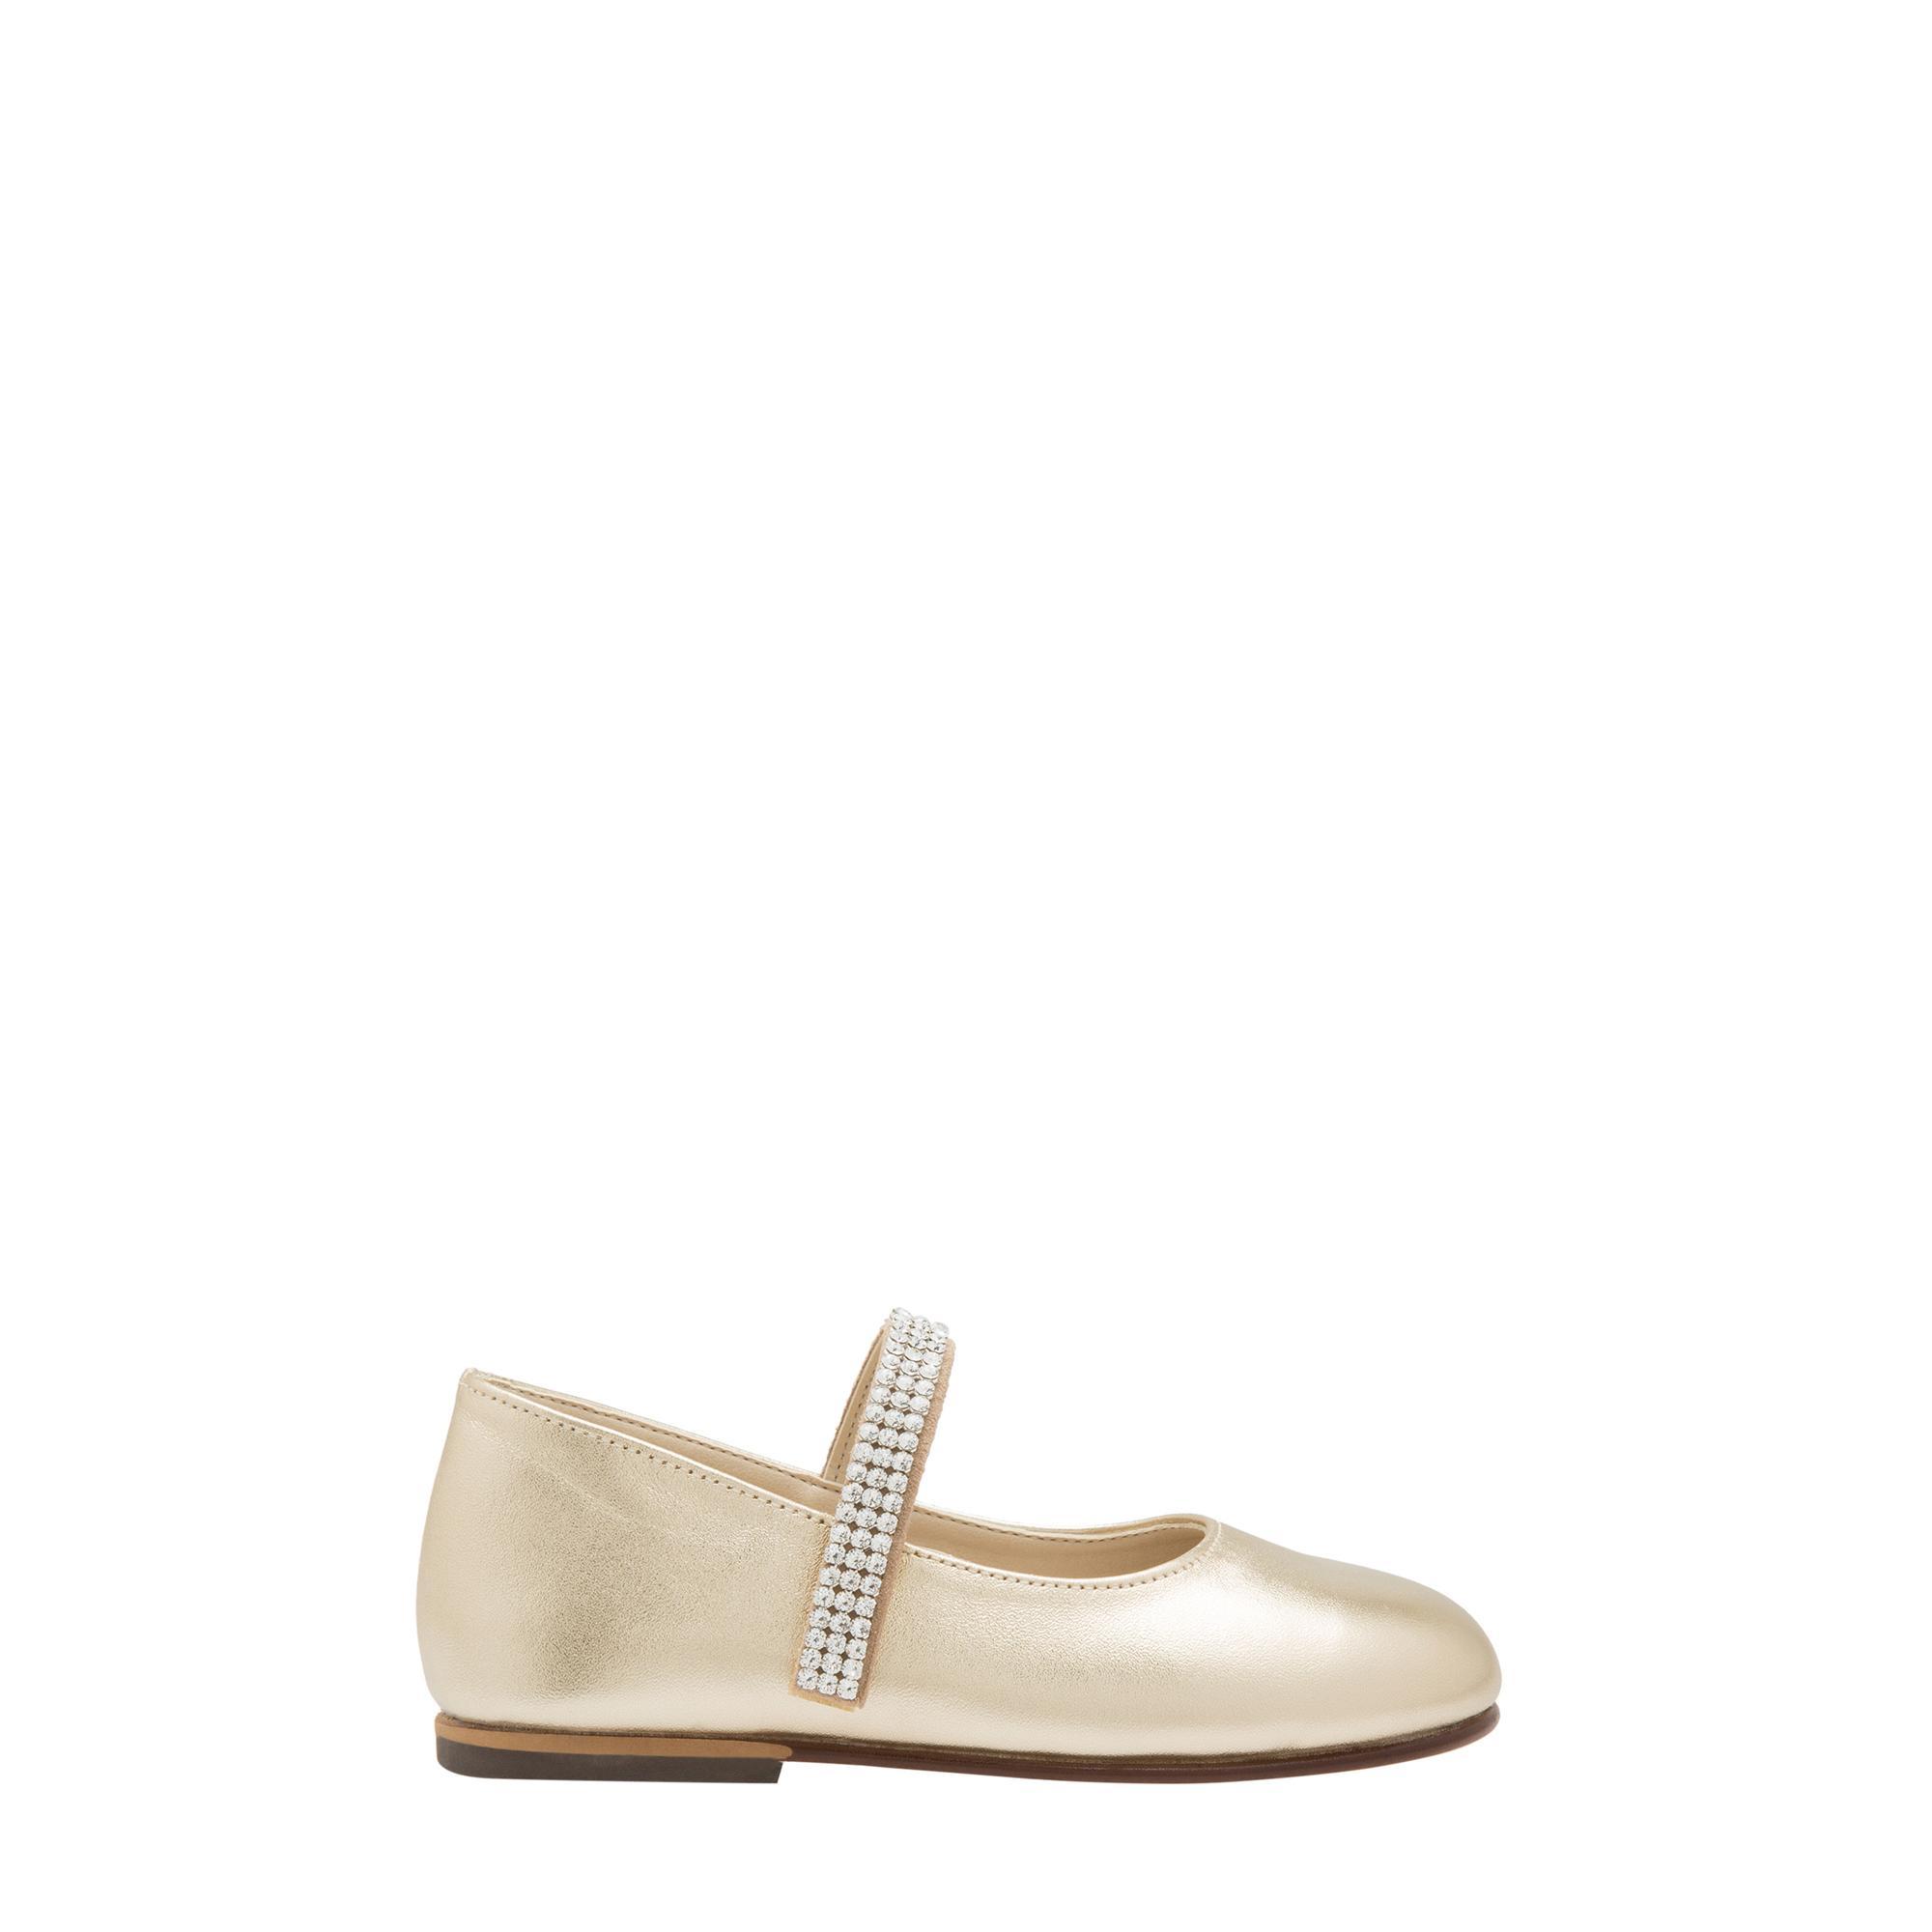 حذاء باليرينا مزين بأحجار كريستال سوارفسكي